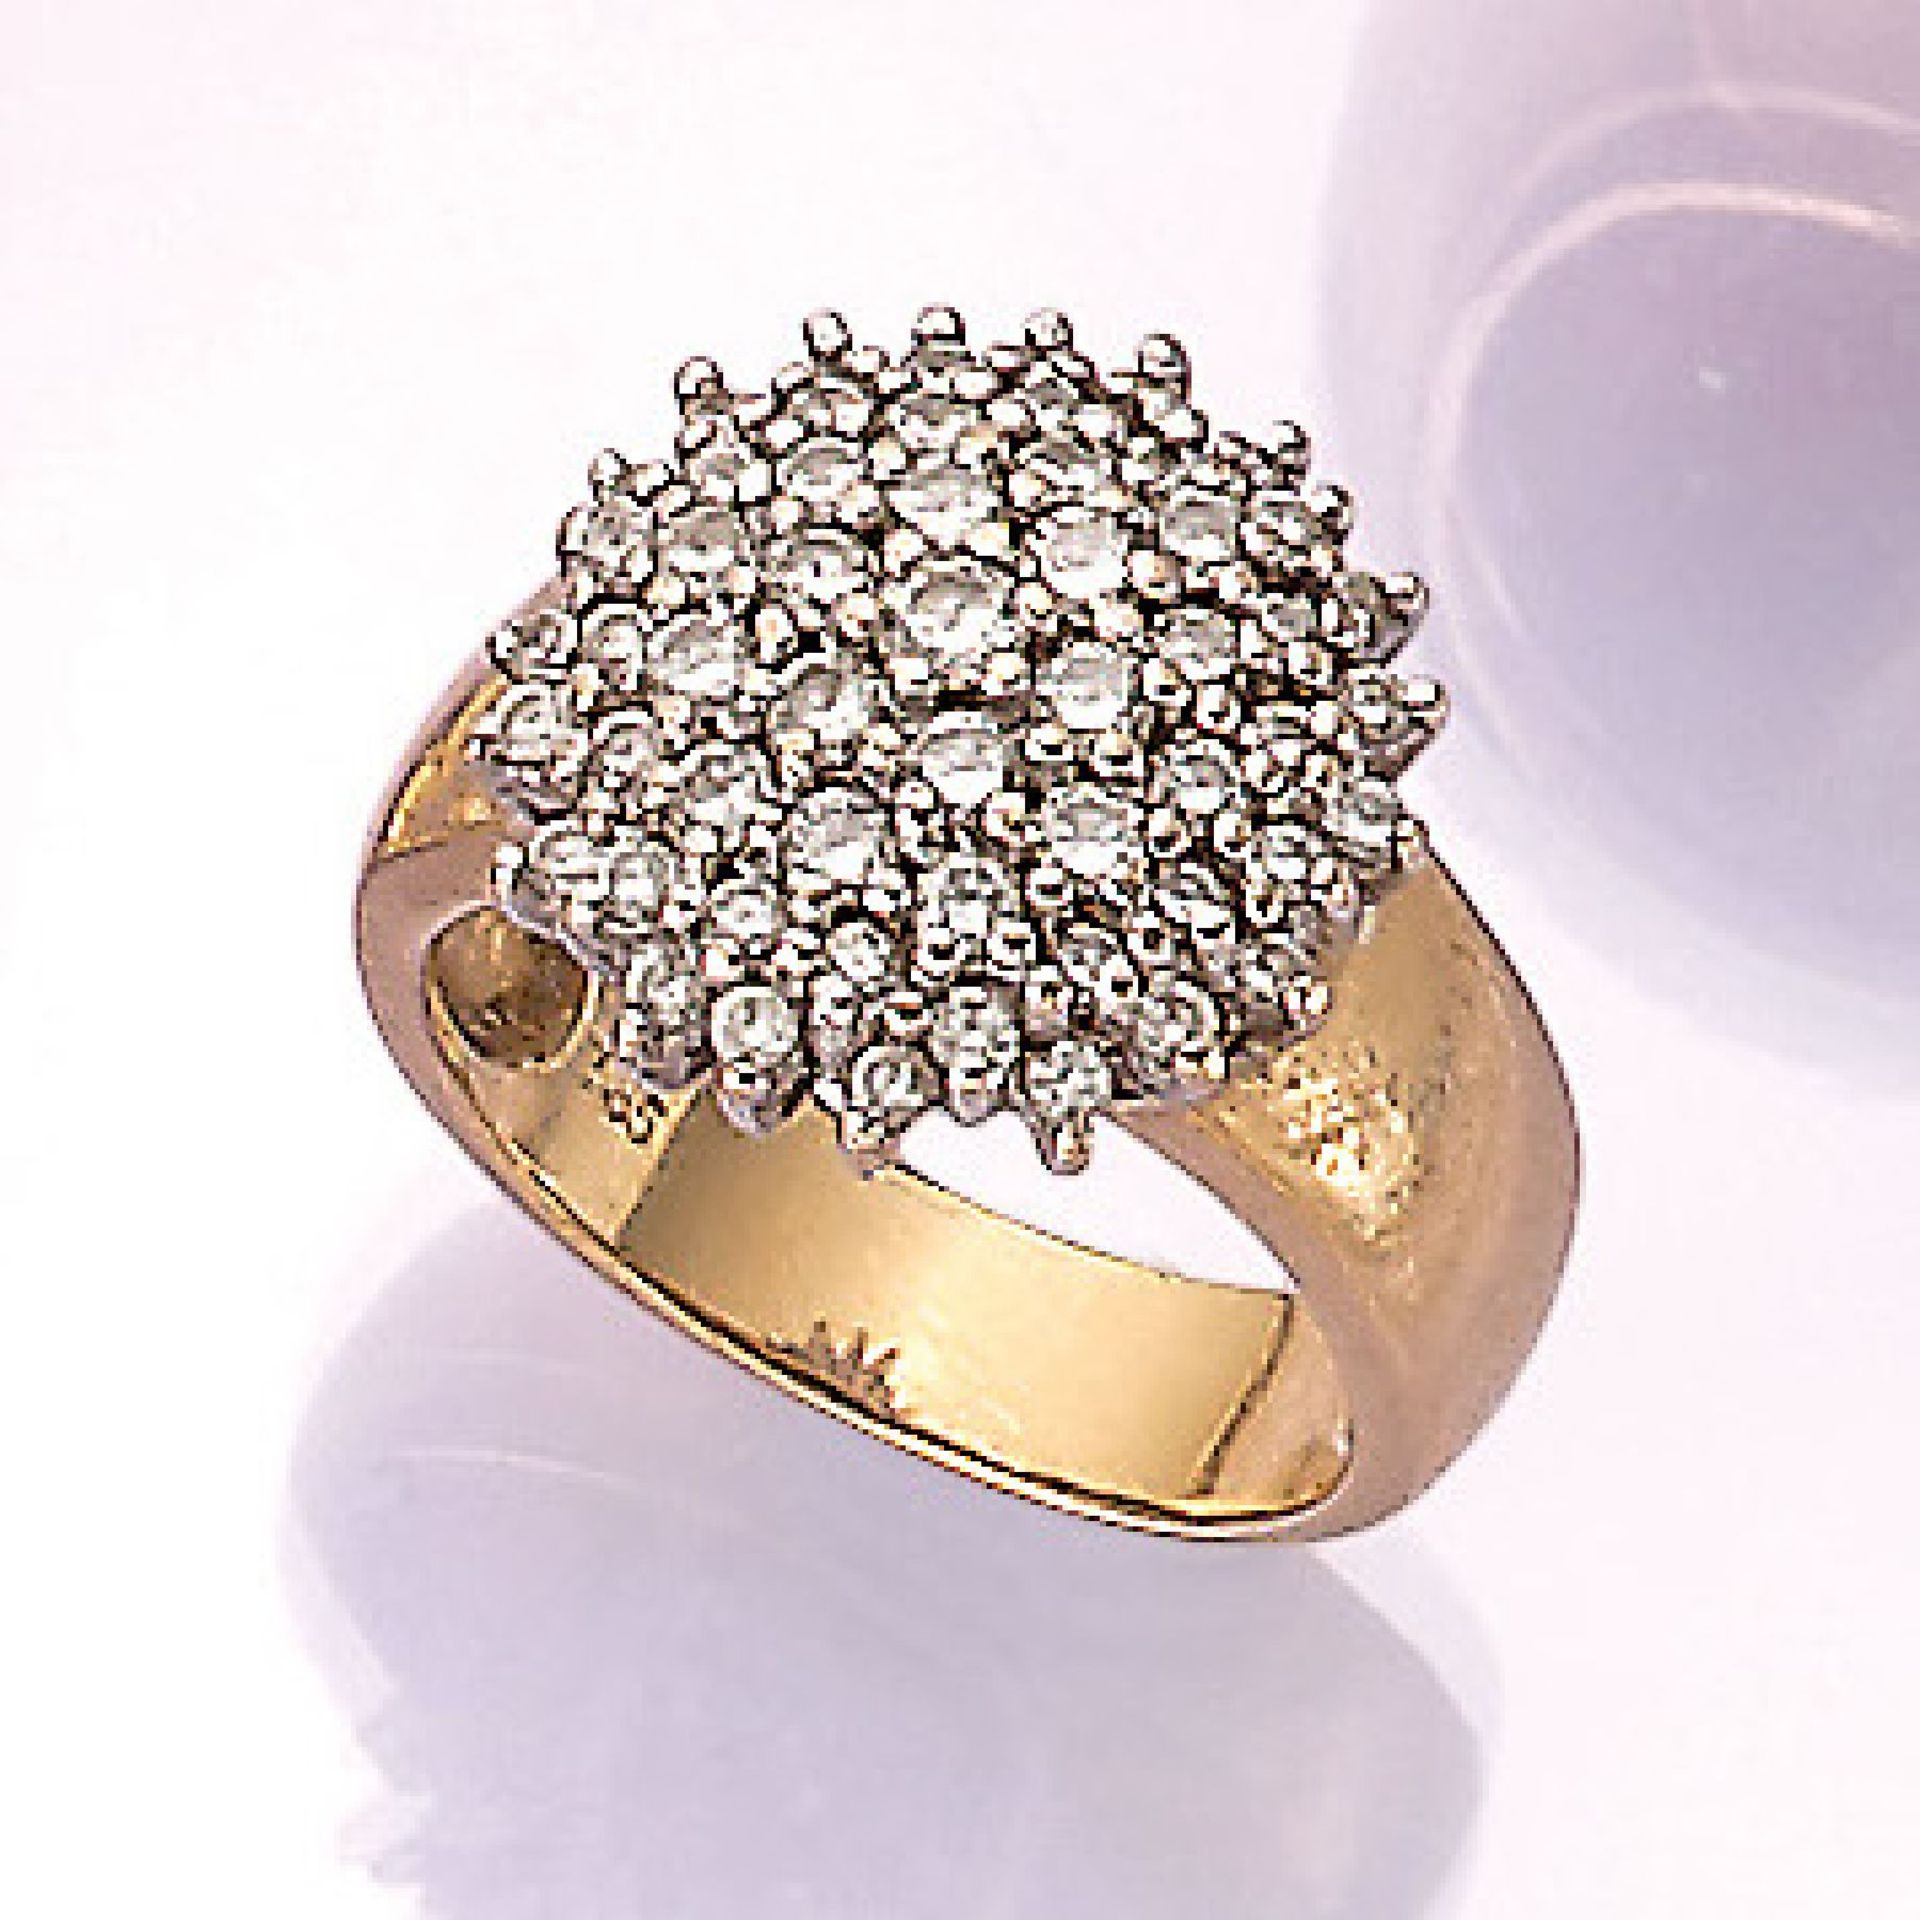 Los 31521 - 14 kt Gold Ring mit Brillanten, GG/WG 585/ 000, in WG gefasste Brillanten zus. ca. 1.00 ct Weiß/